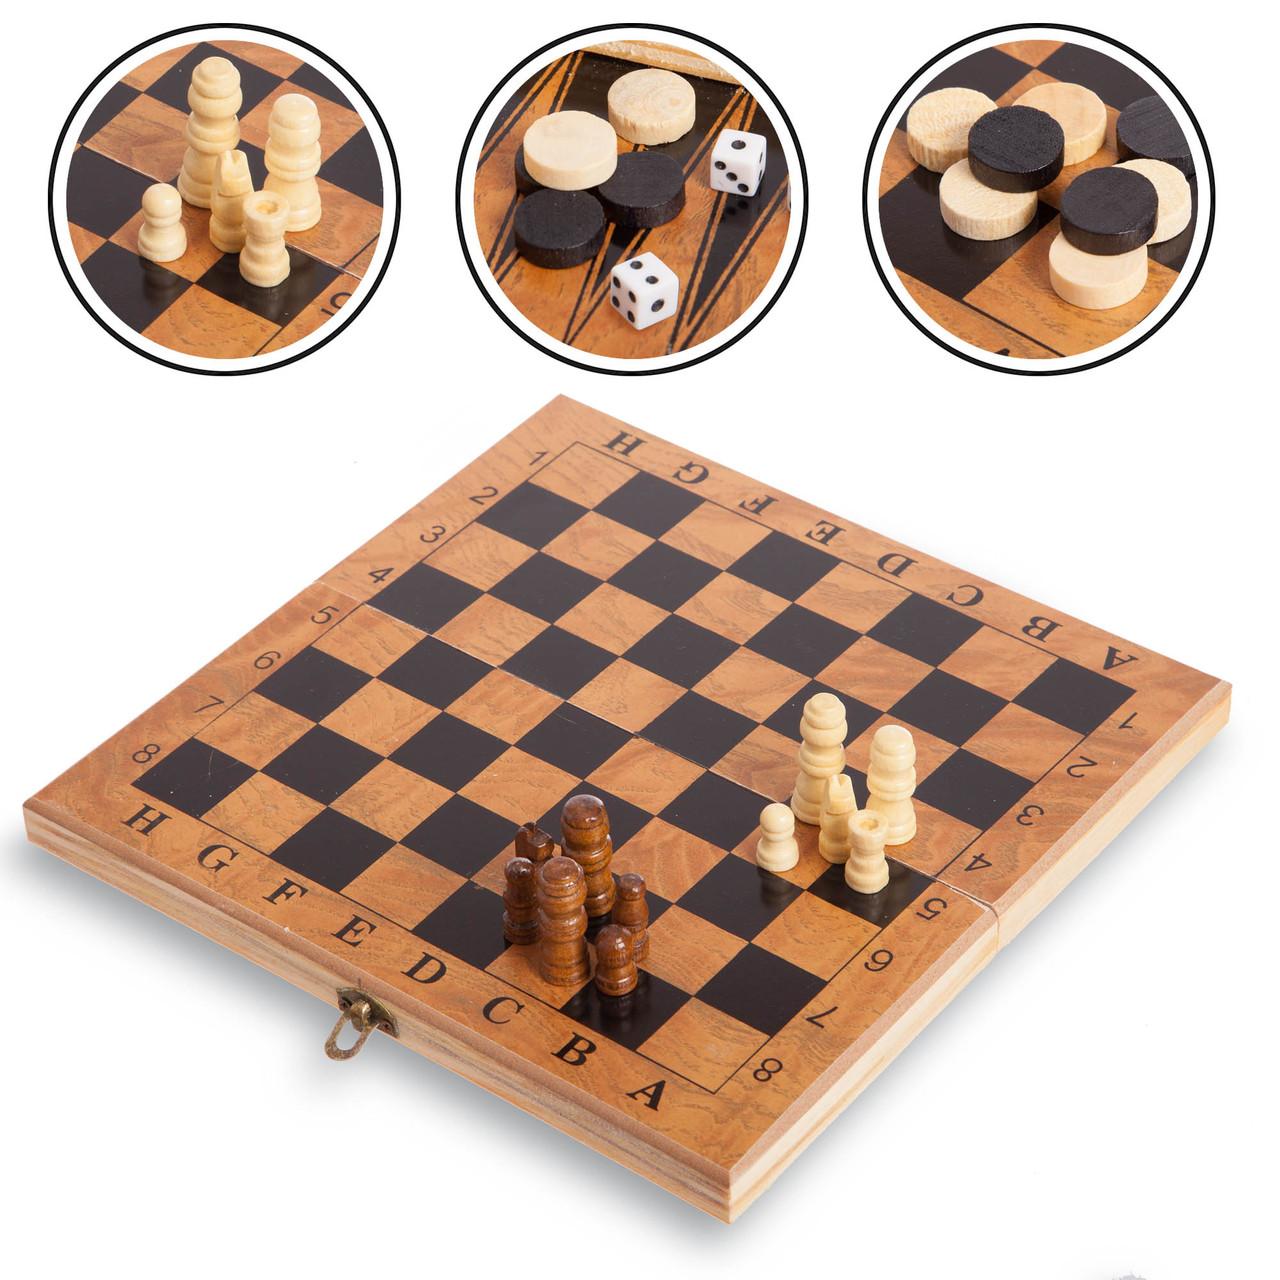 Набір настільних ігор 3 в 1 S2414 - шахи, шашки, нарди дерев'яні